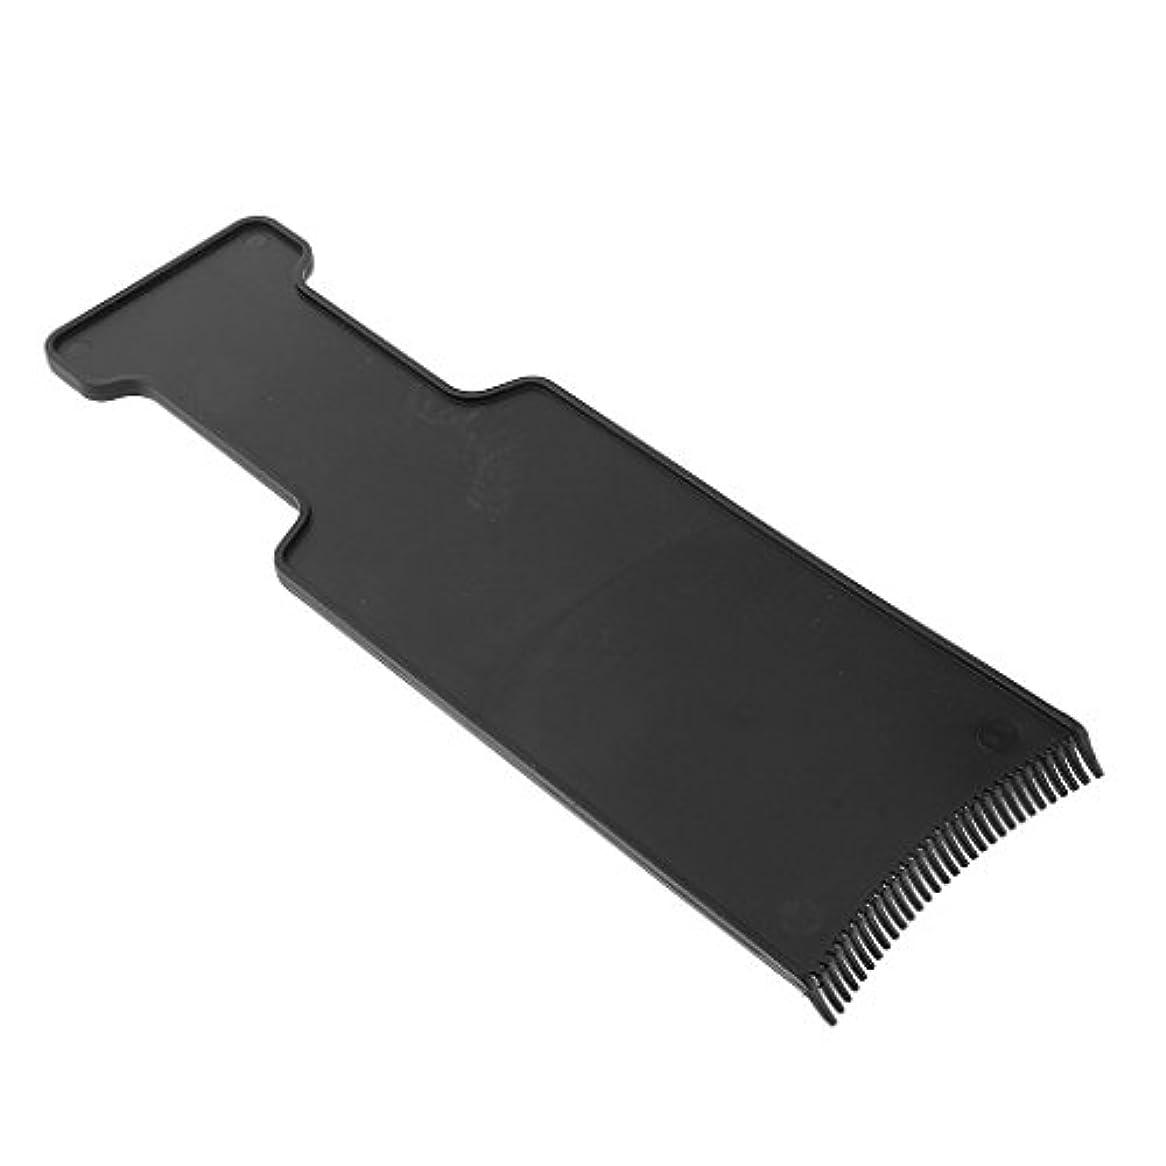 指火山の好奇心Homyl ヘアカラー ボード 染色 ツール ブラック 全4サイズ - M